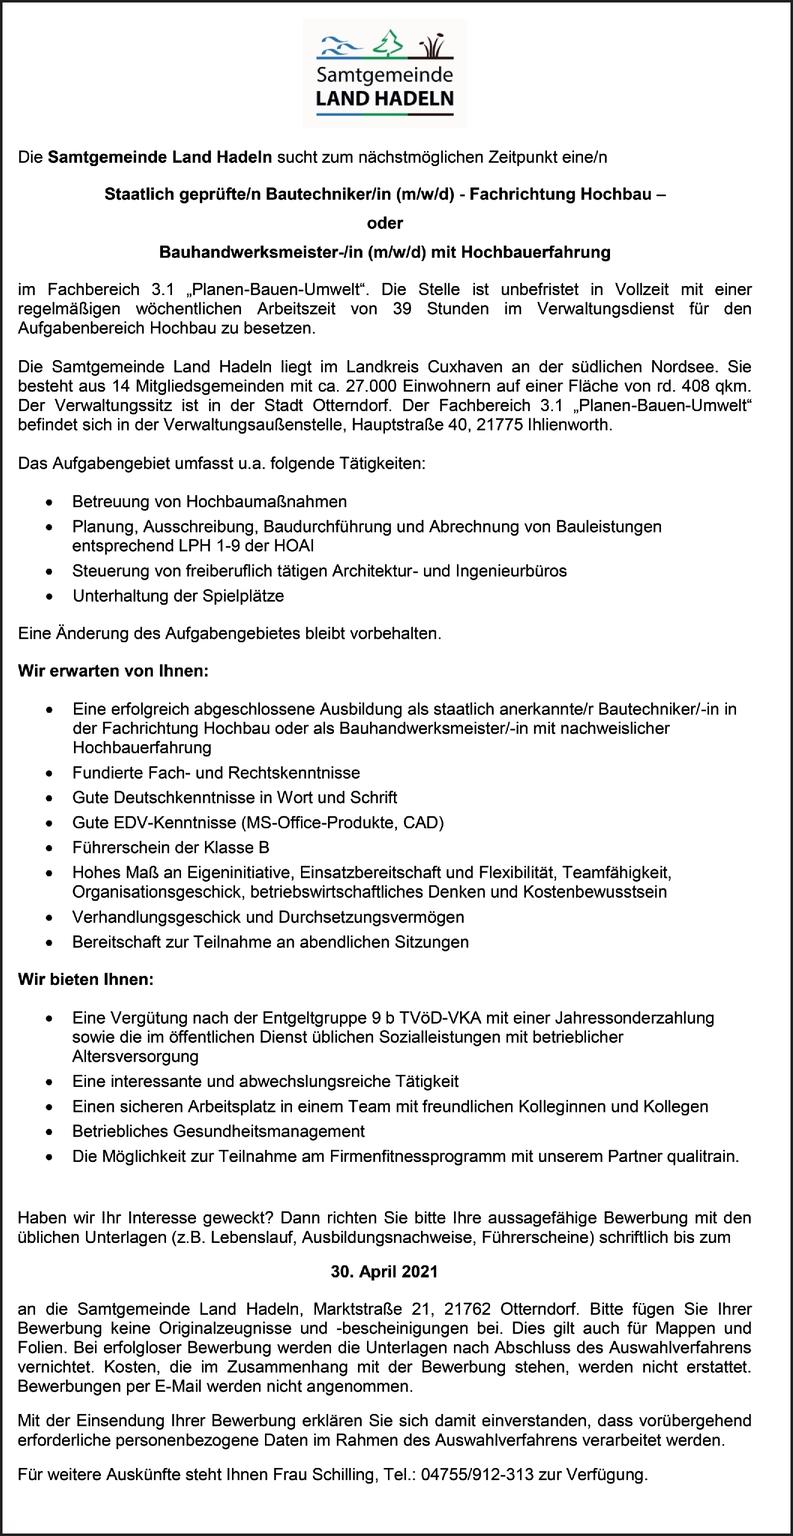 Bauhandwerksmeister/-in mit Hochbauerfahrung